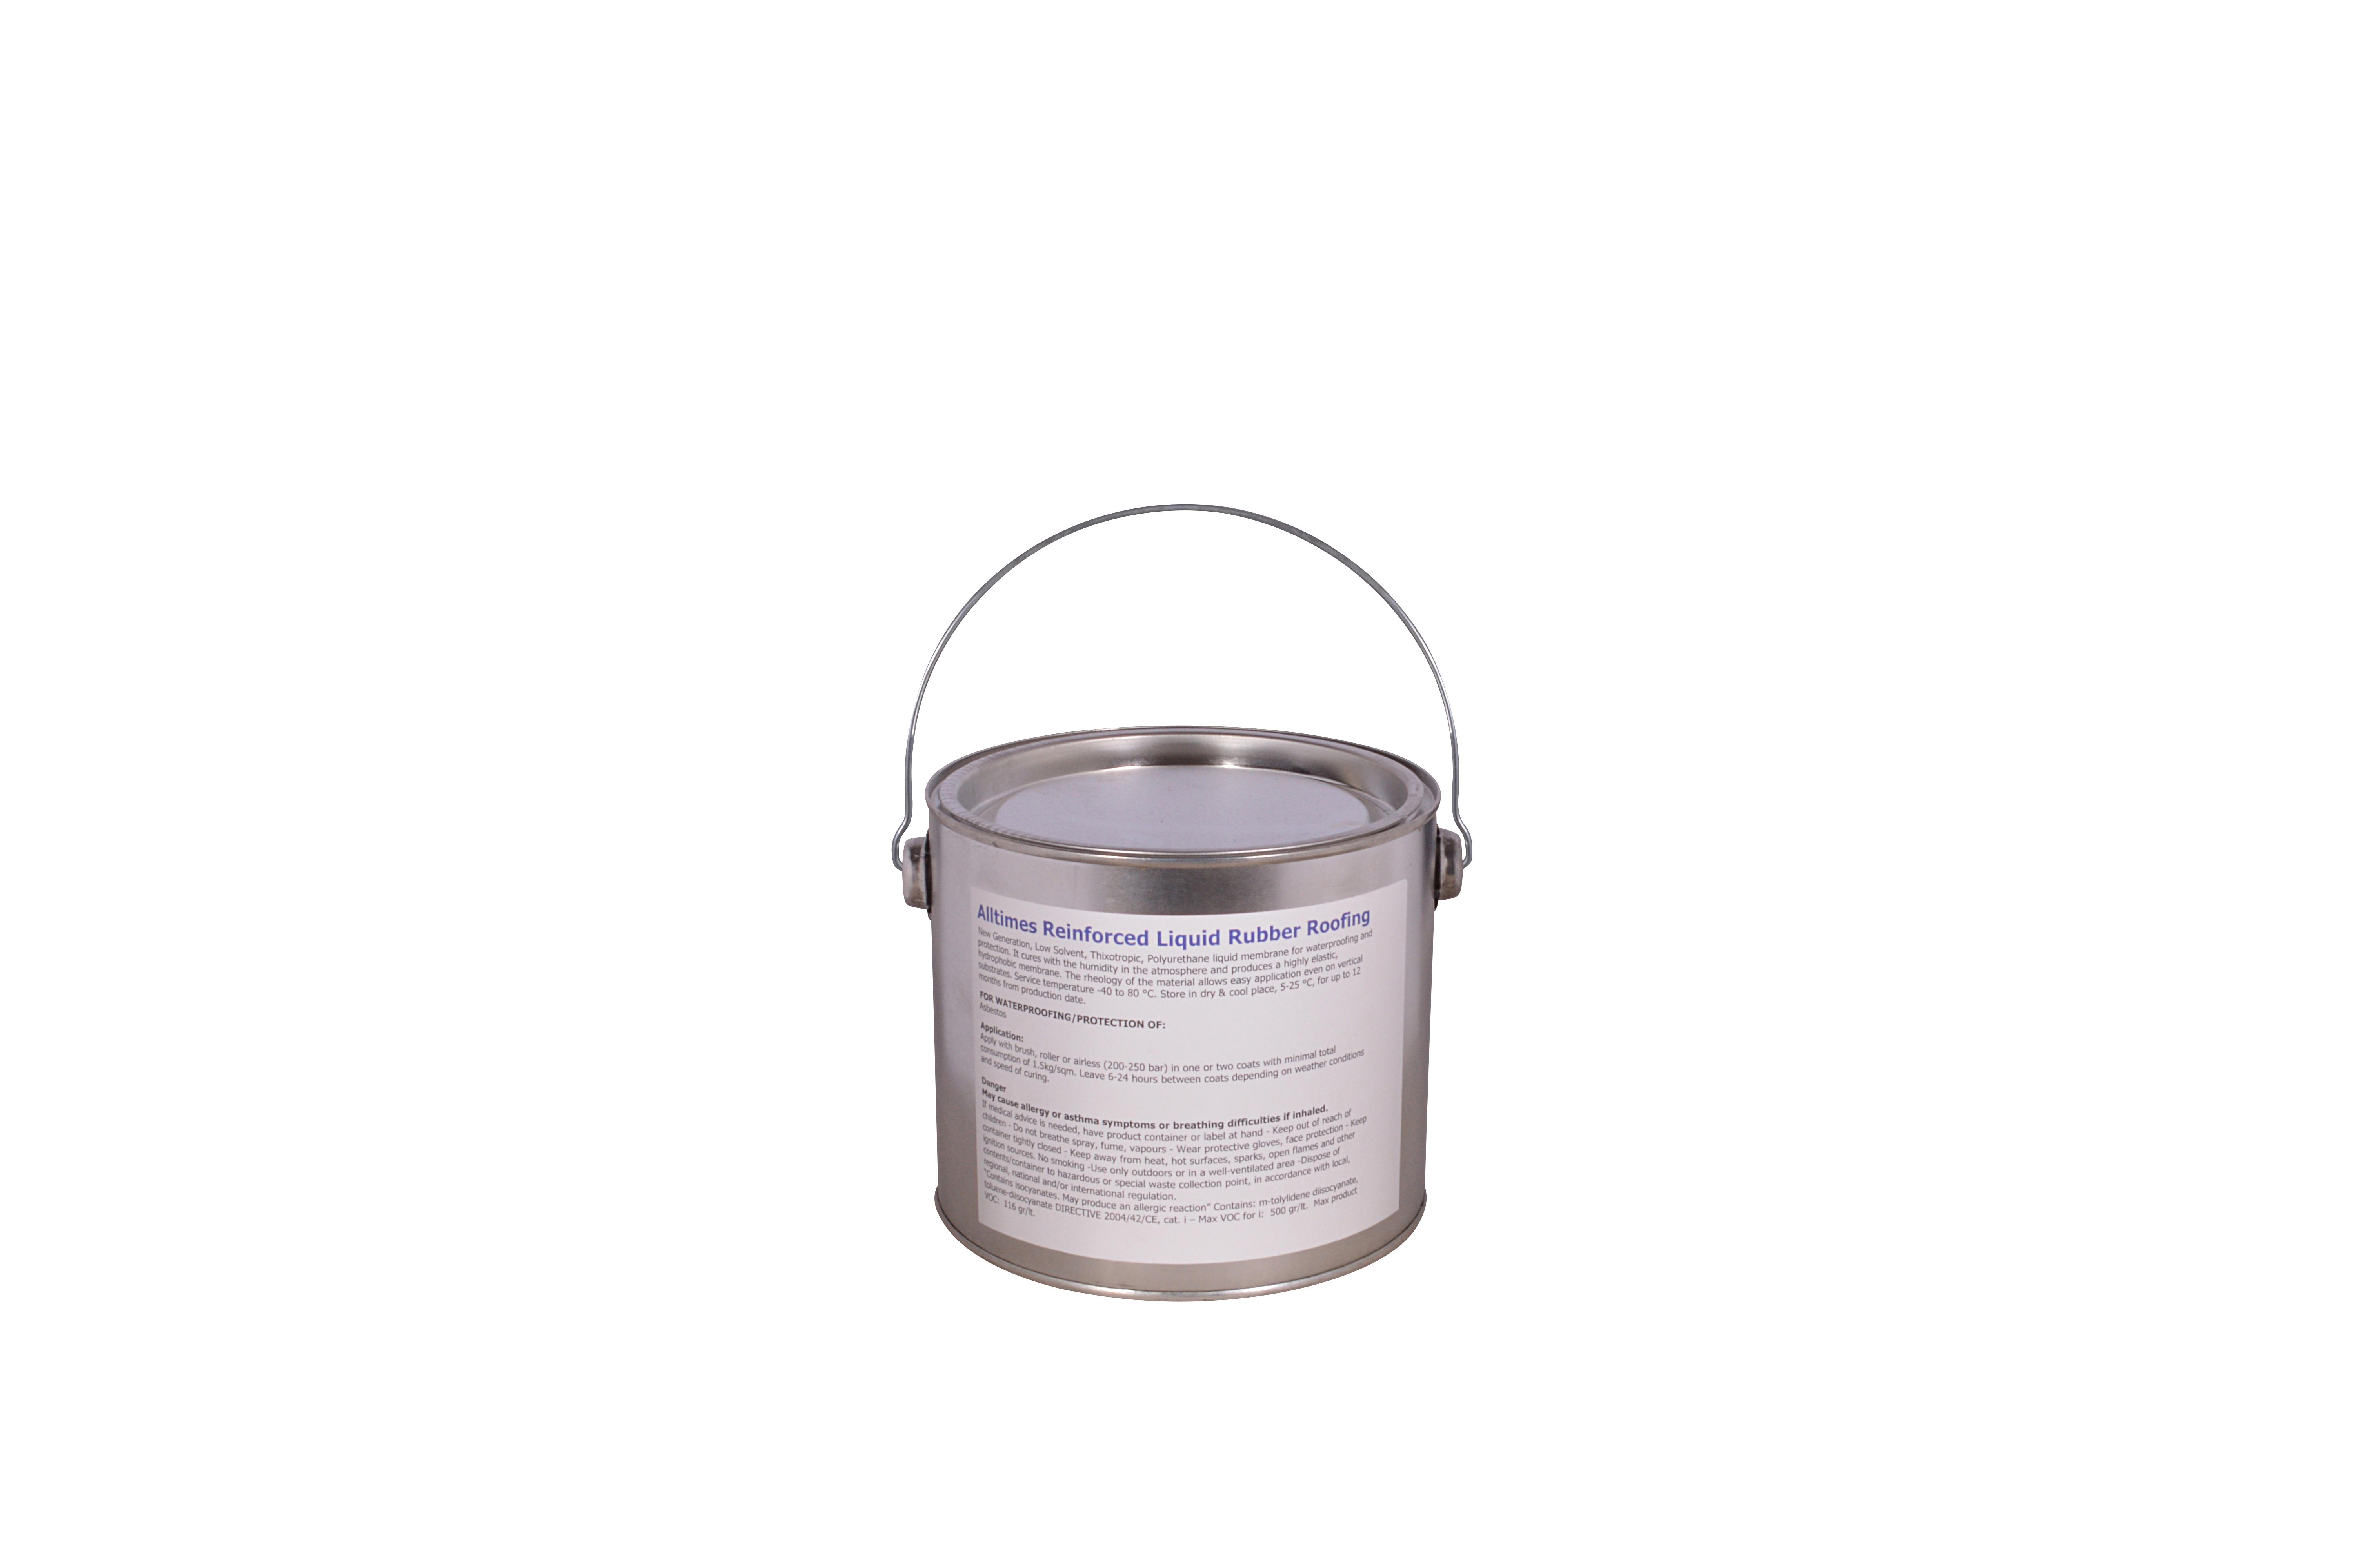 Ad Hoc Repair Kits Diy Roof Repair Kit For Asbestos And